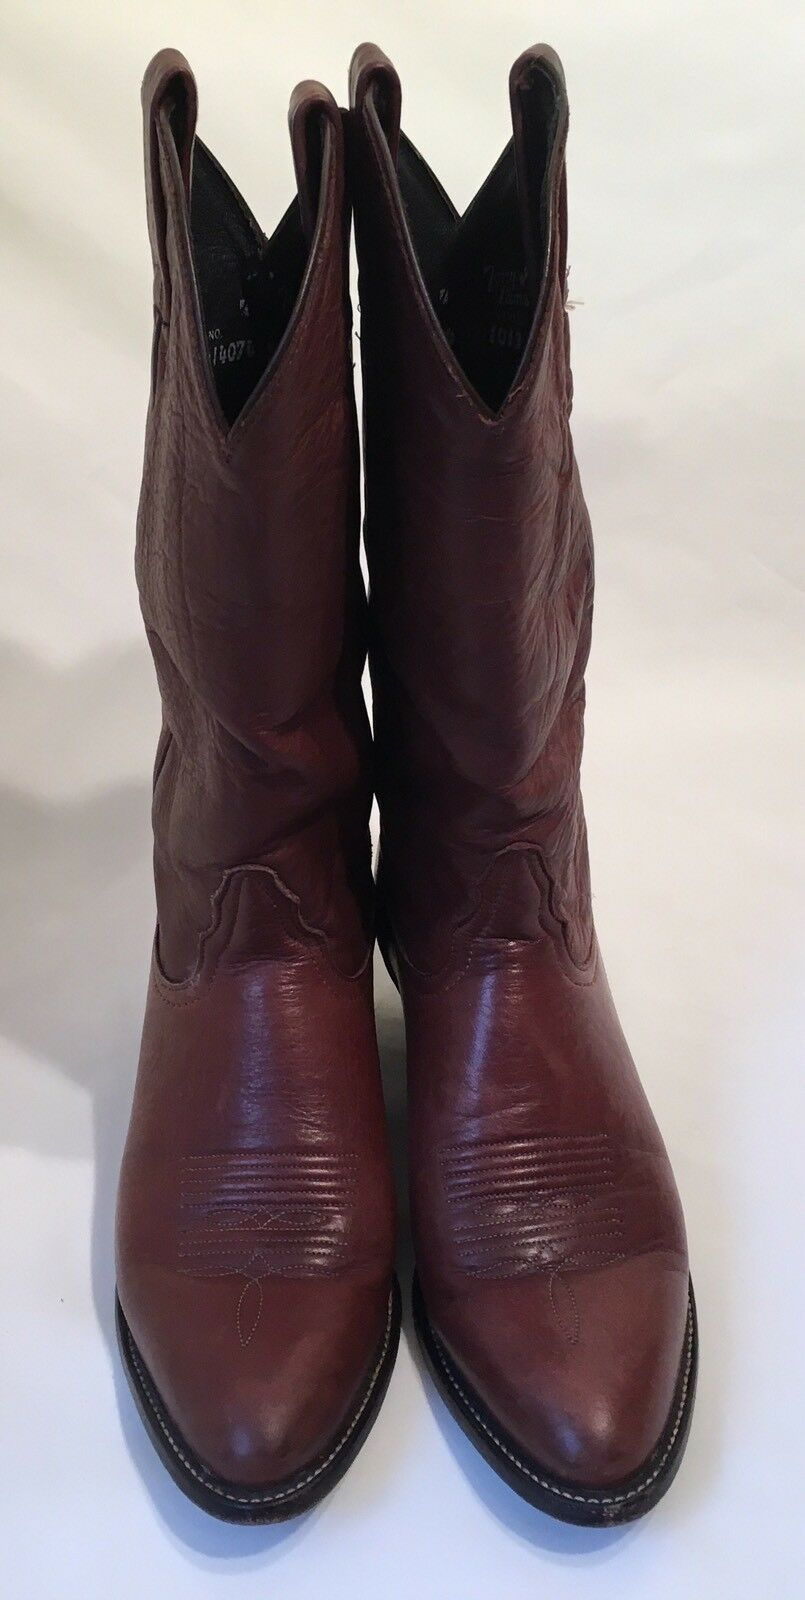 Tony Lama Style 1013 L Braun Calf Leder Cowboy Stiefel in Damenschuhe 6 1/2 M - EXCEL